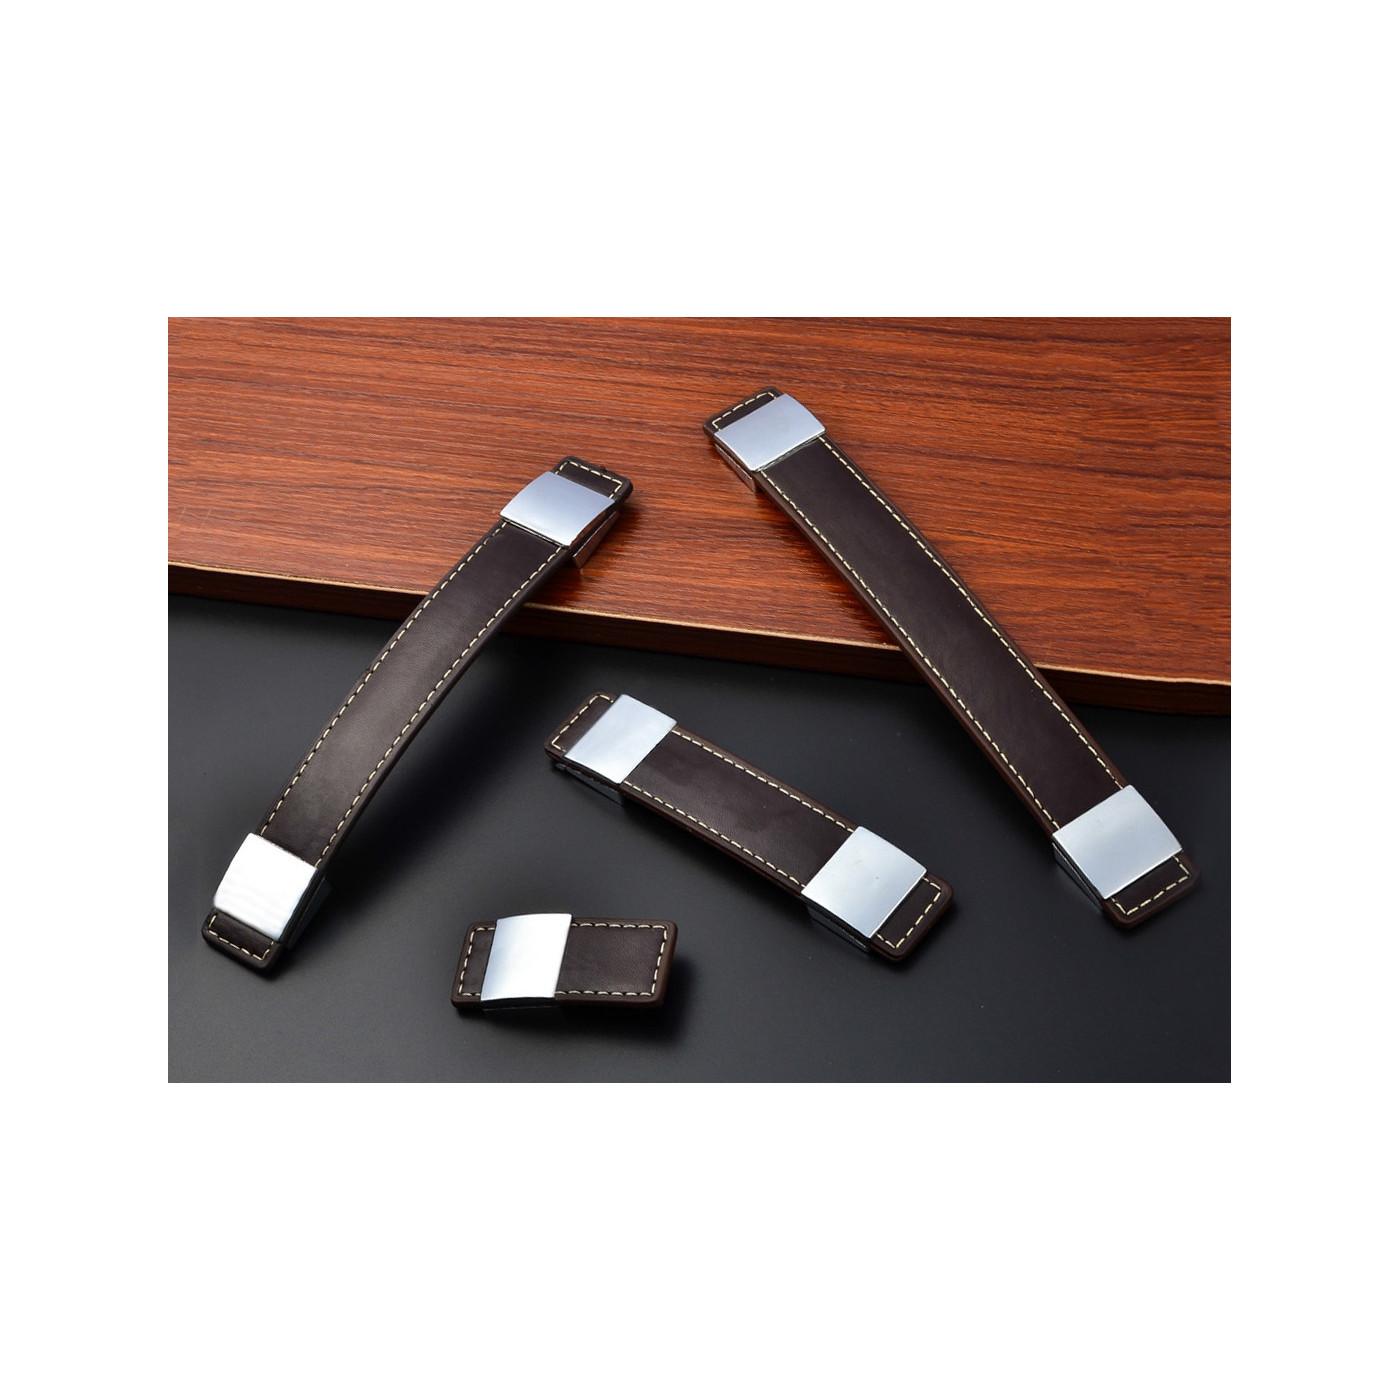 Ensemble de 4 poignées de meuble en cuir, brun foncé, 242x30 mm  - 1